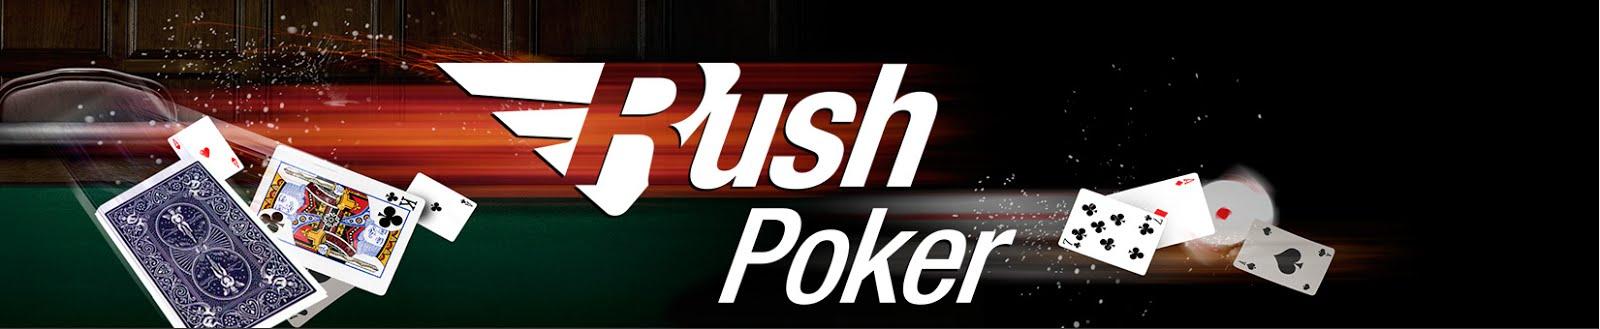 75 Situs Agen Judi Poker Online Indonesia Capsa Susun Domino QQ Bandar Ceme